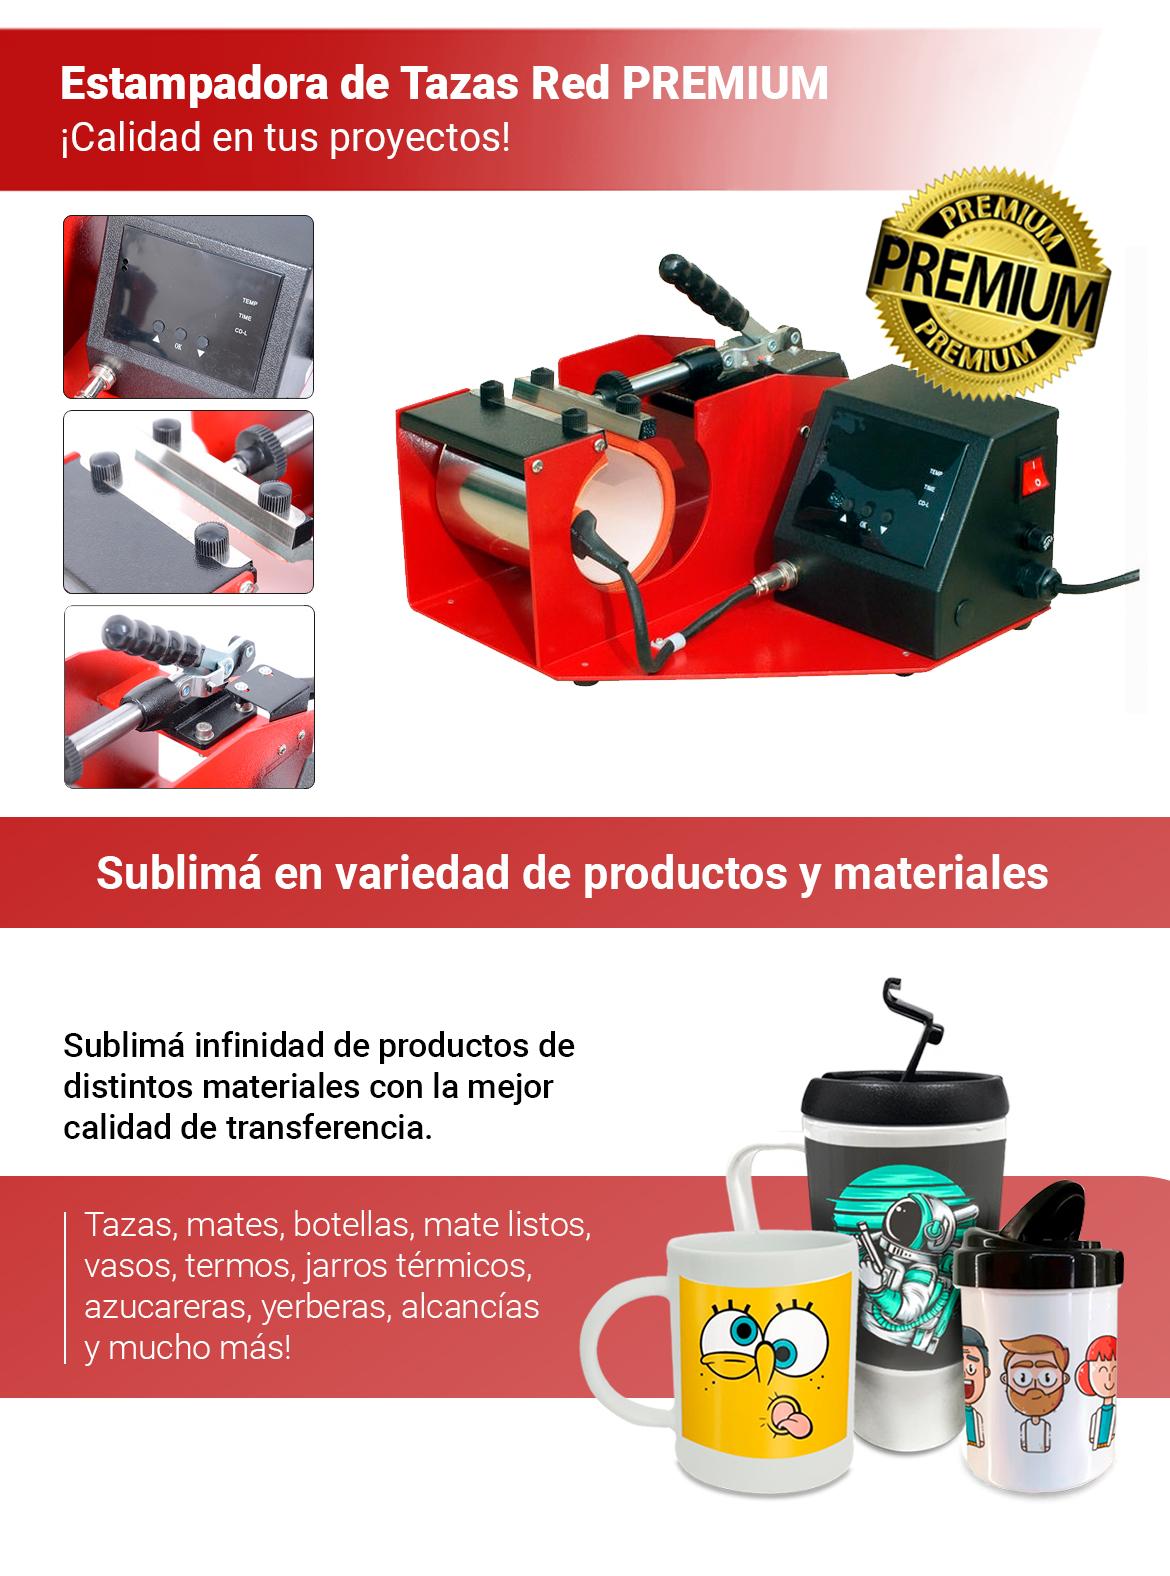 Estampadora y sublimadora senko red premium